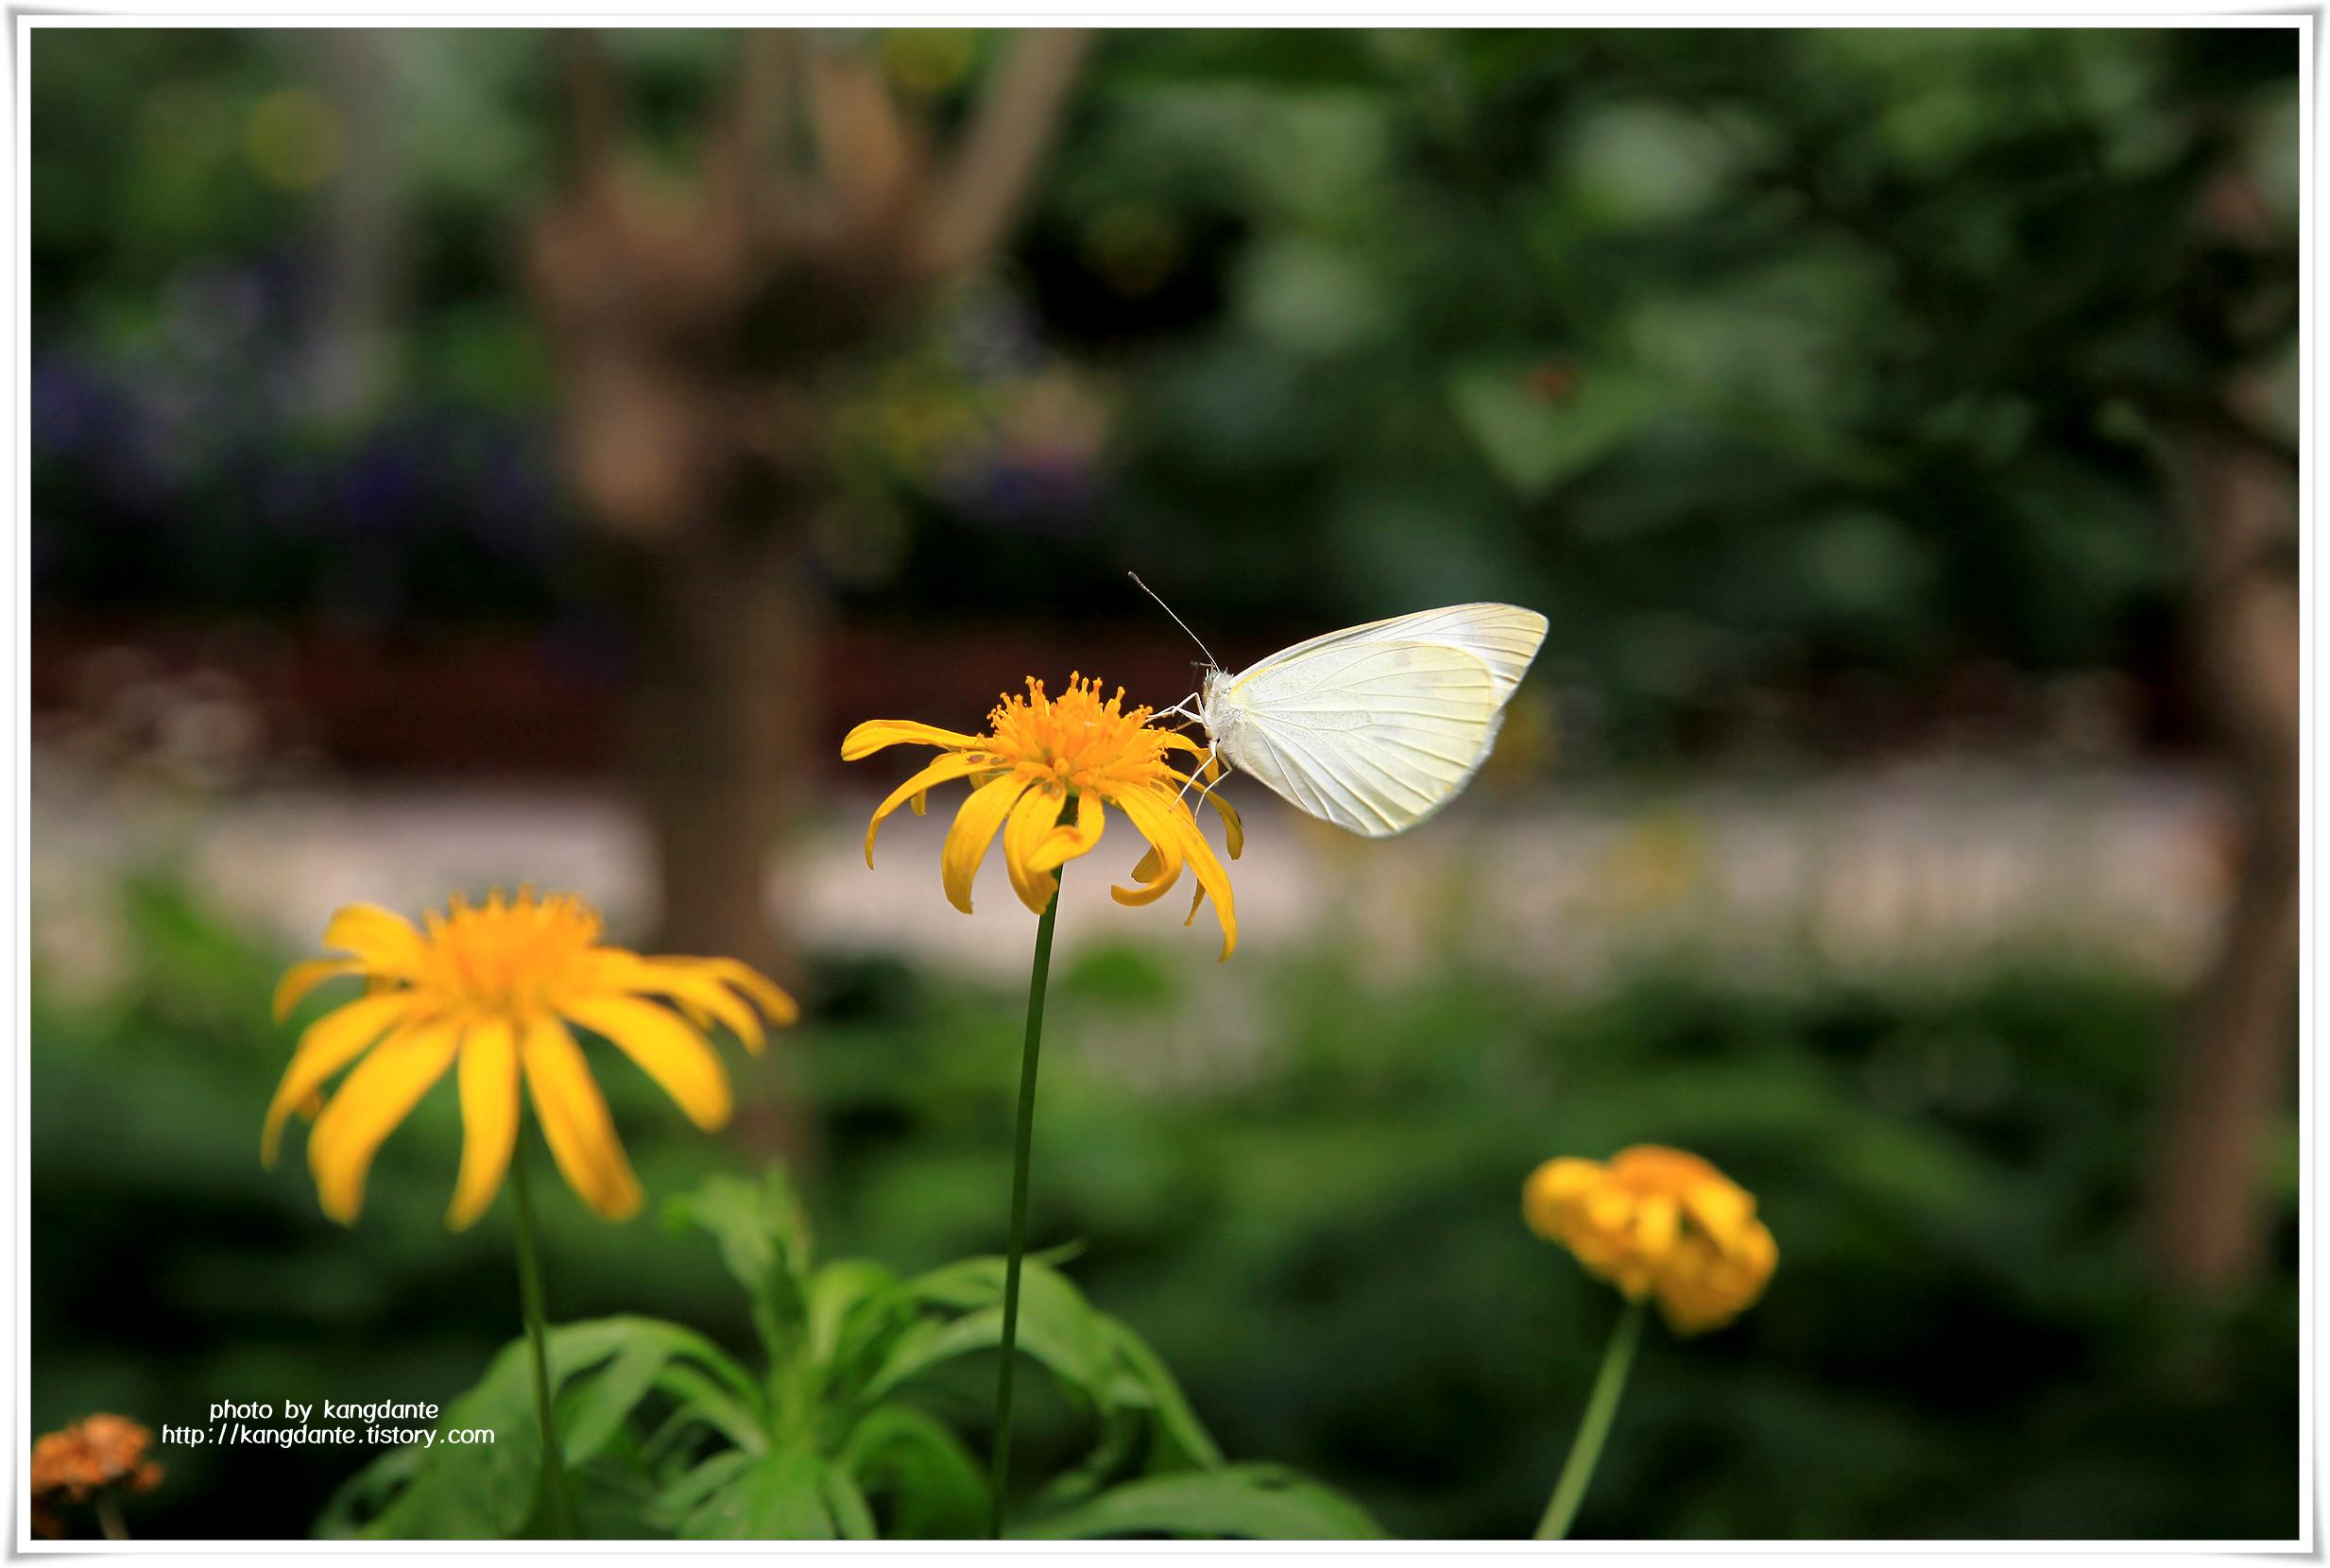 서울숲 나비정원의 꽃과 나비